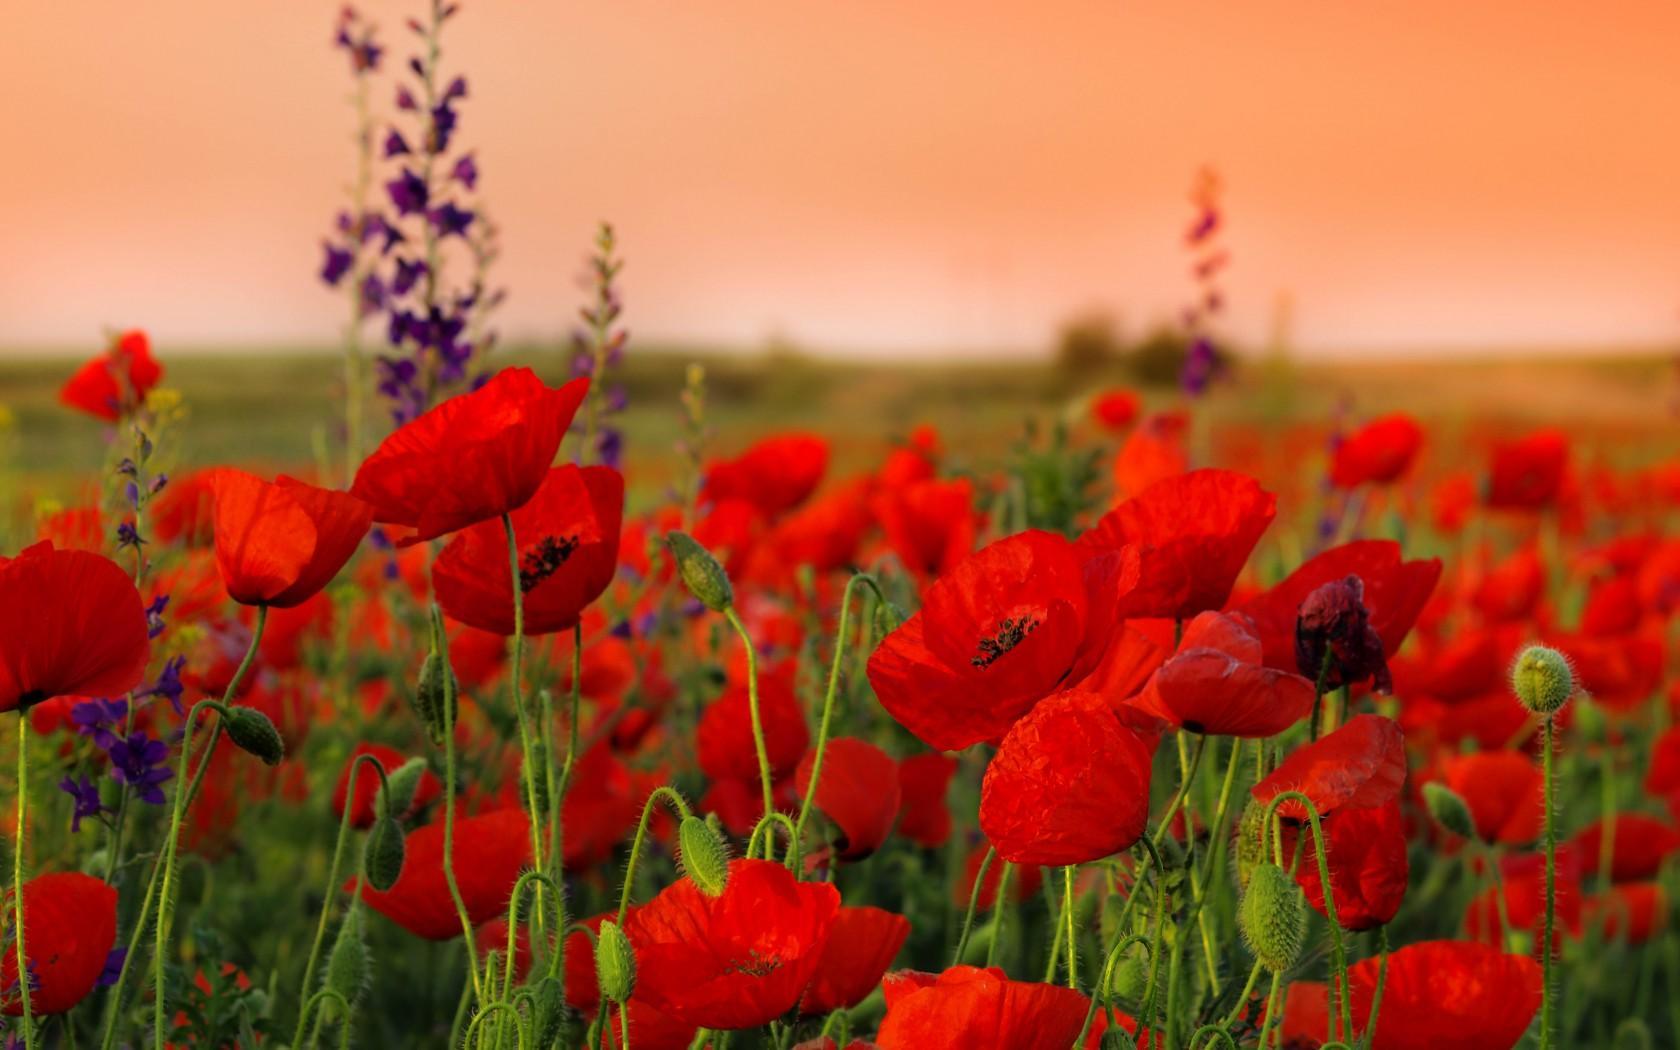 Des fleurs rouges